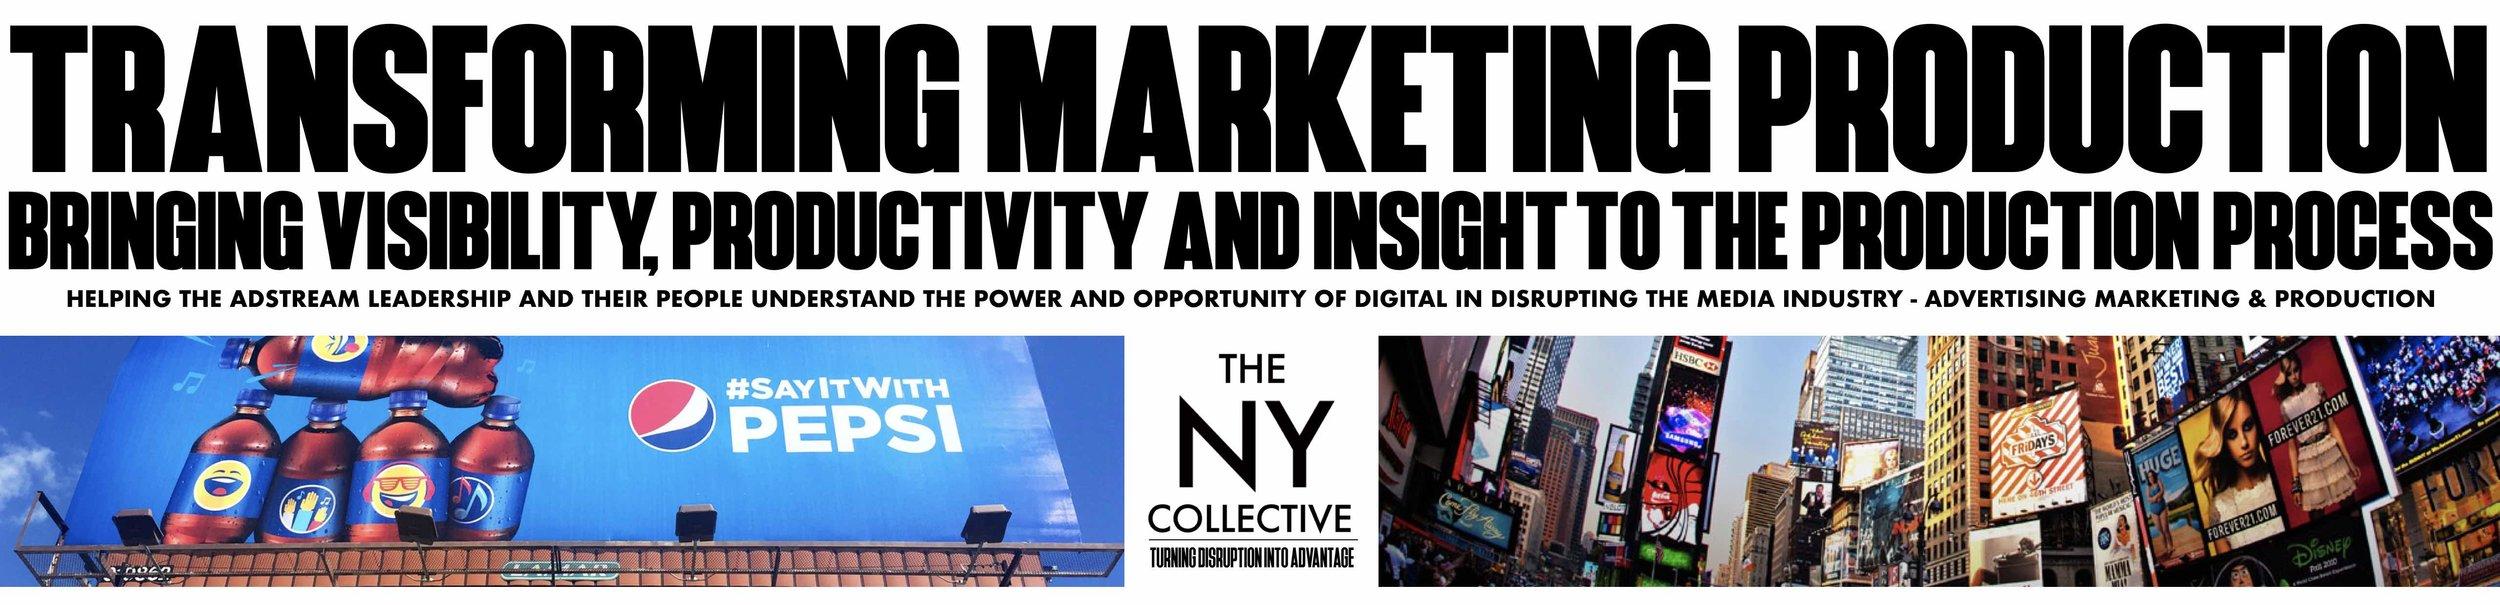 transforming marketing.jpg